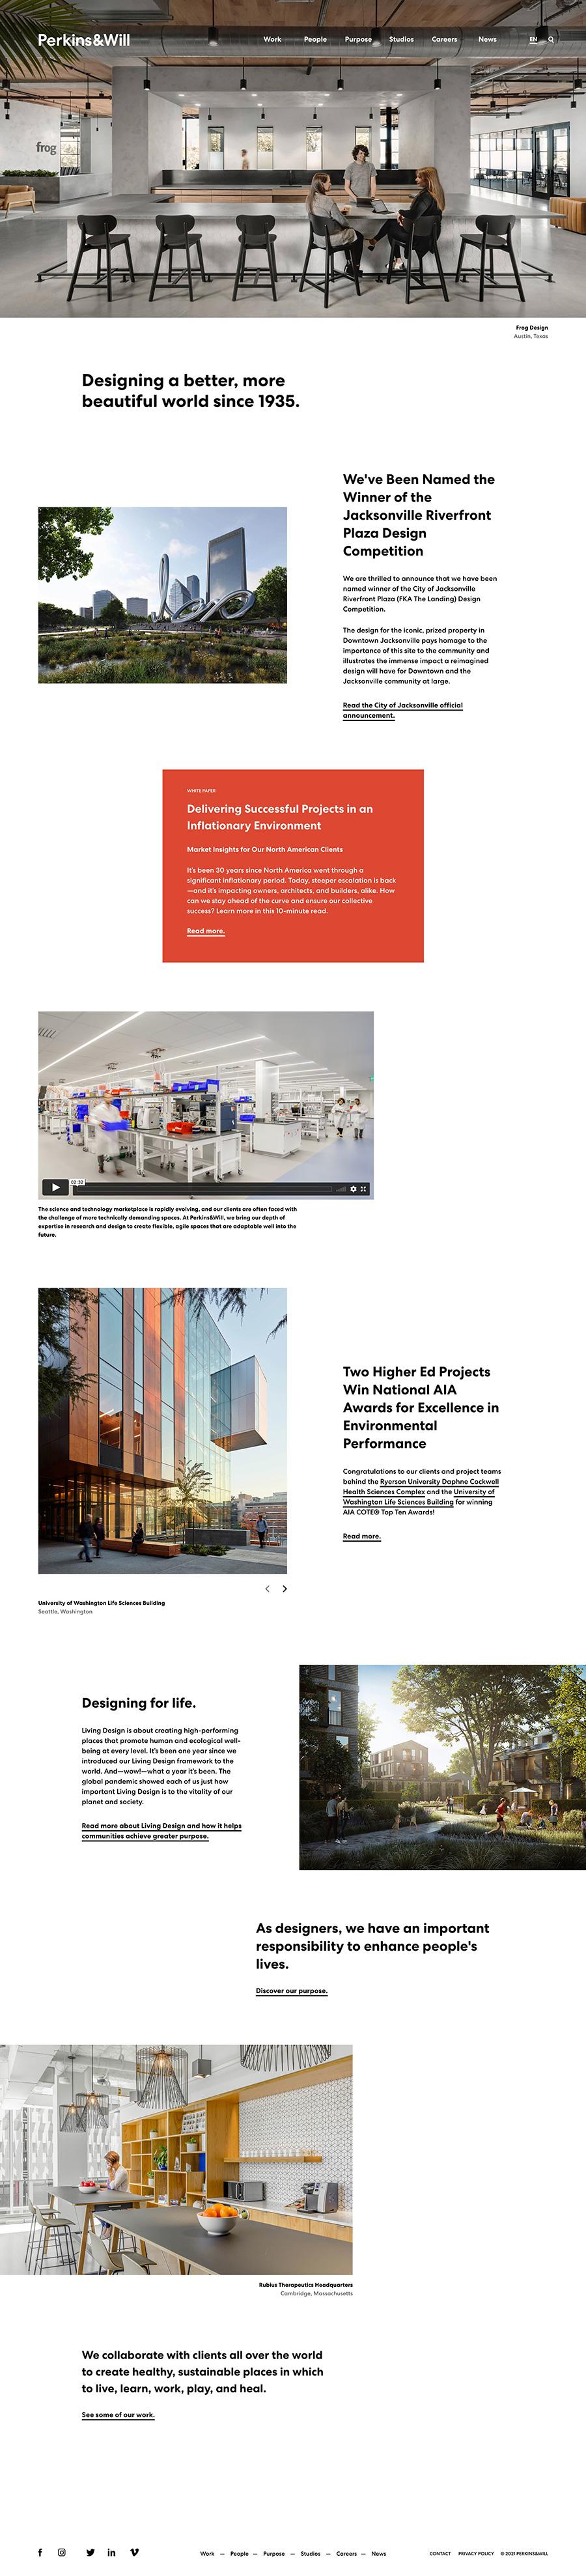 Perkins&Will Best Architecture Website